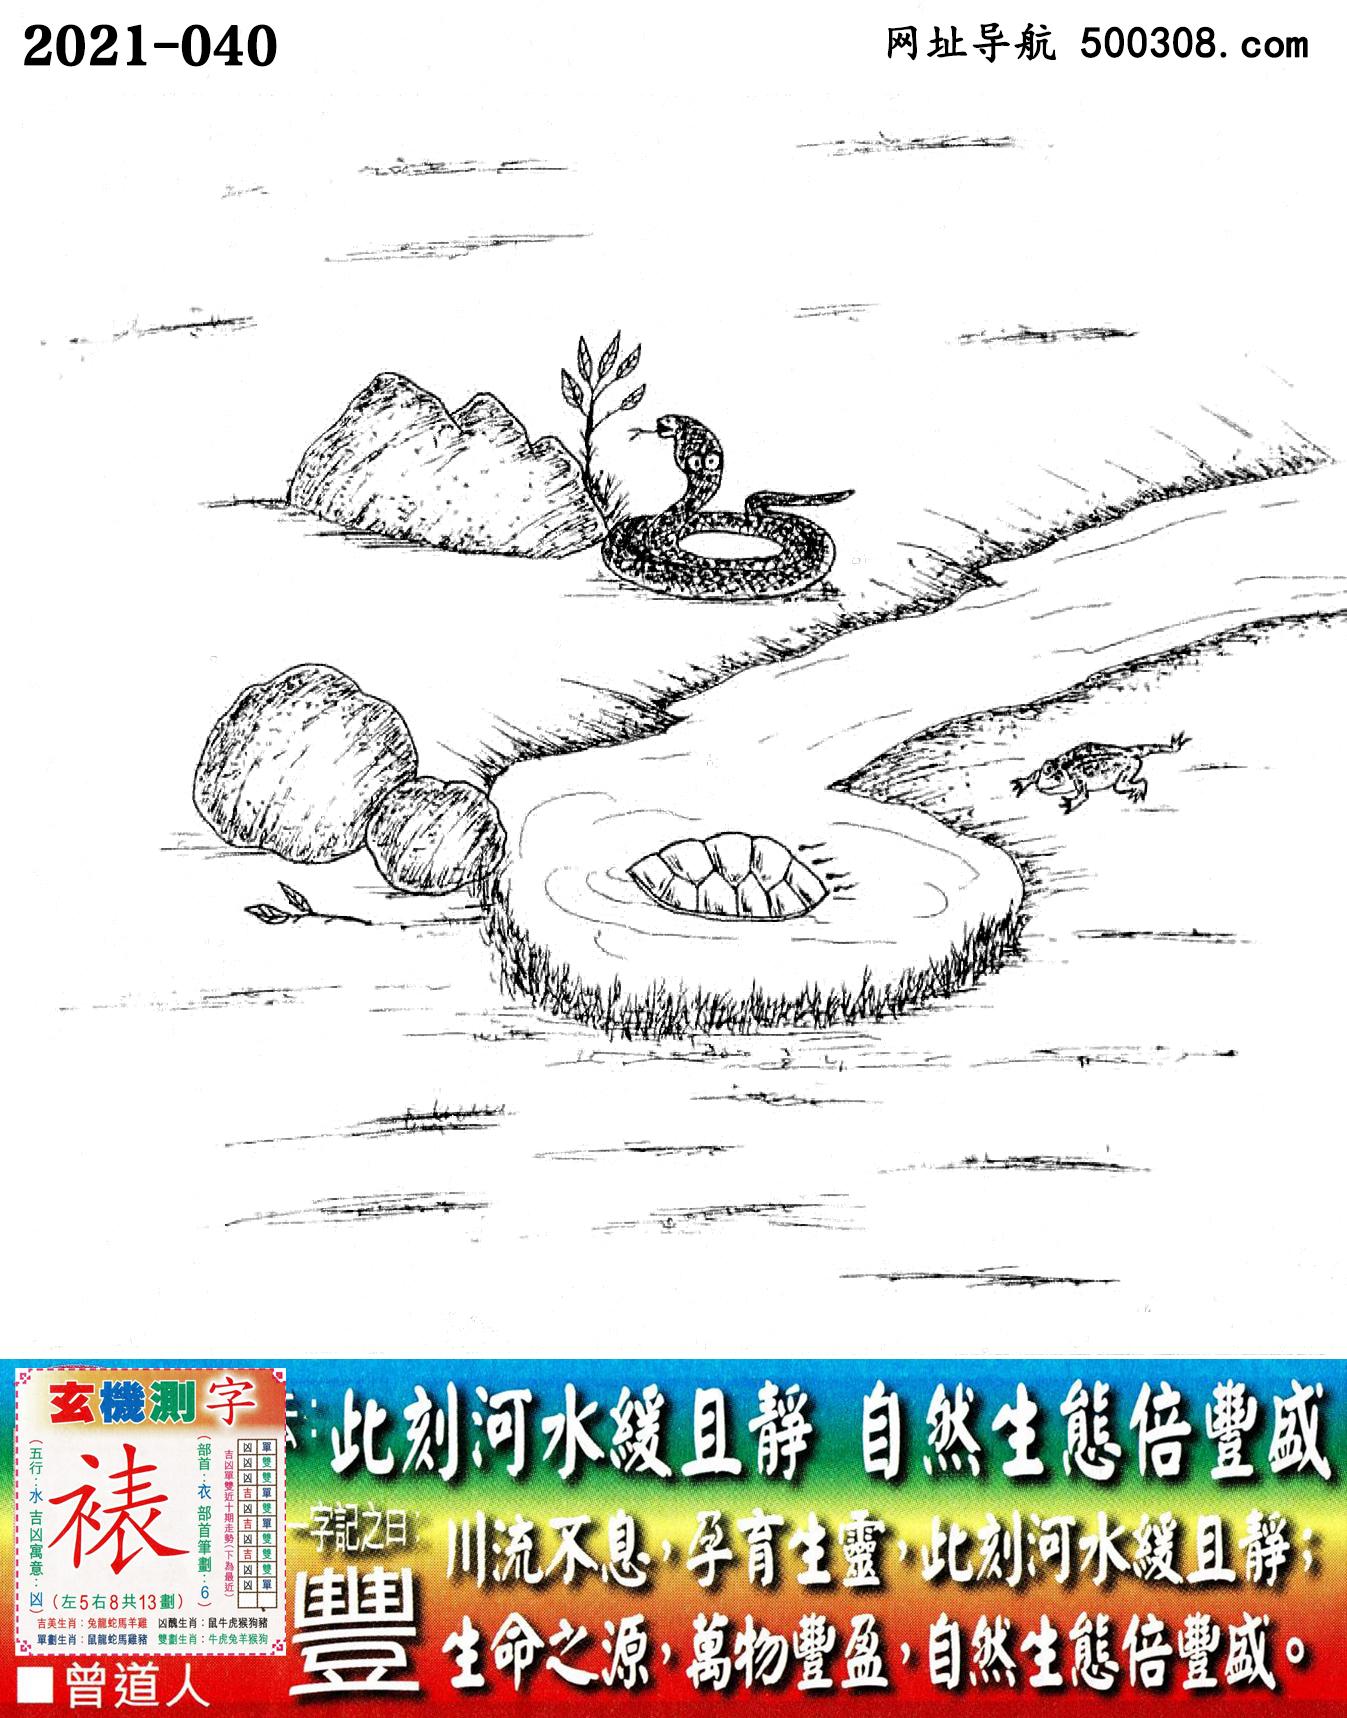 040期老版跑狗一字記之曰:【豐】_詩雲:此刻河水緩且静,自然生態倍豐盛。